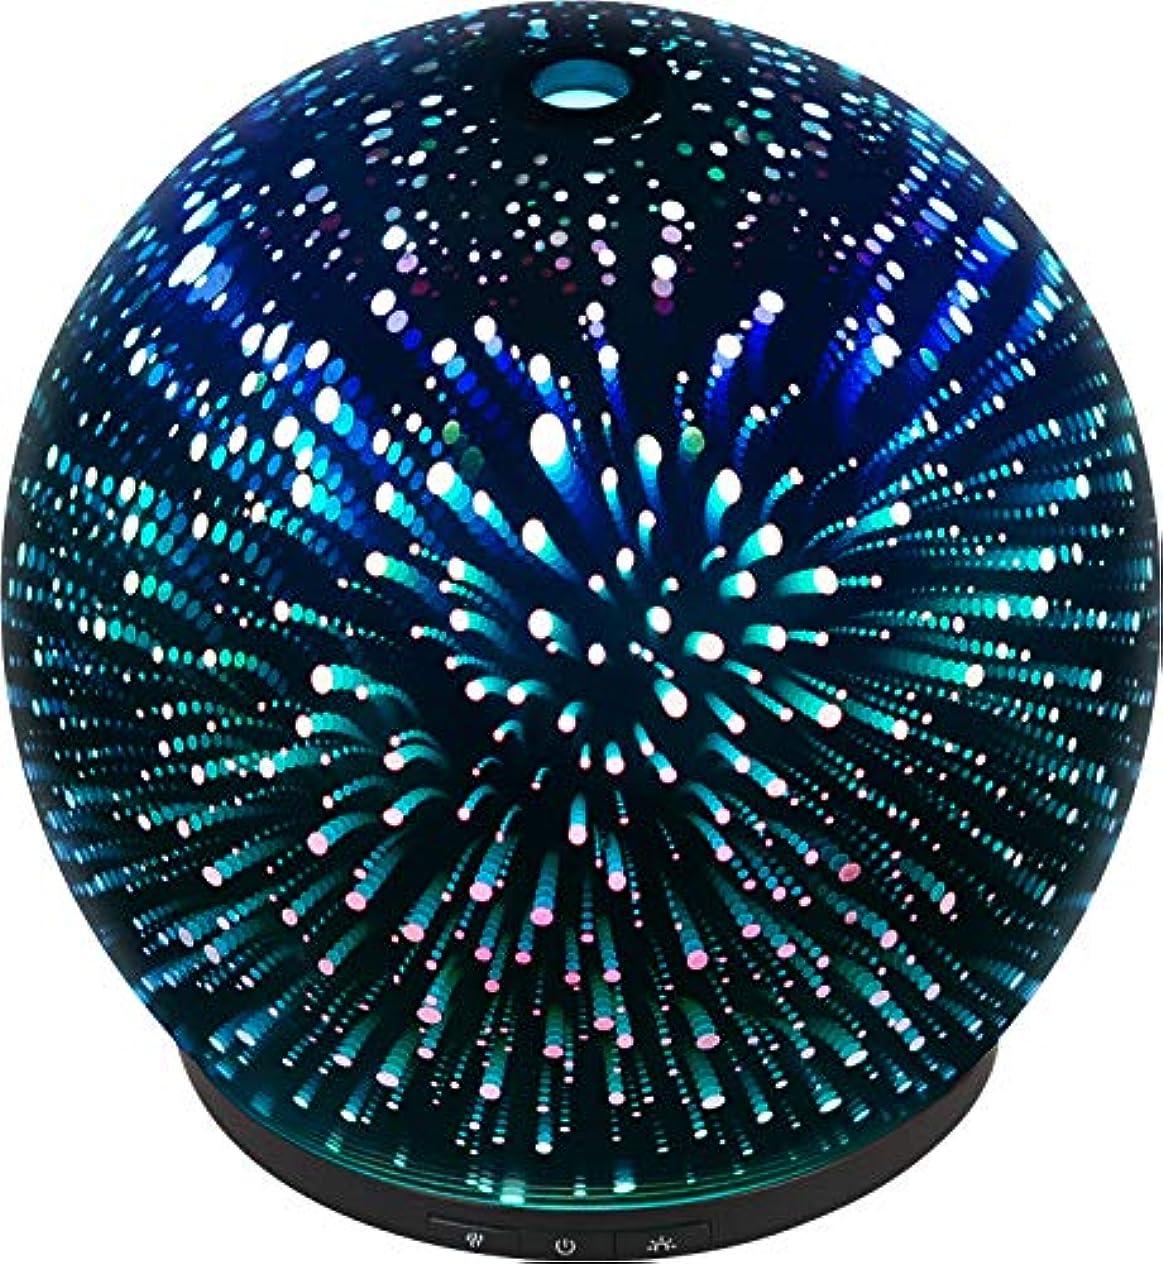 読みやすい塩辛いロビーEddax Aromatherapy ミストディフューザー オートシャットオフ機能付き、7色LEDライト&大型水タンク - 3Dエフェクトナイトライトアロマ加湿器(家庭、ヨガ、ベッドルーム、ジム用)